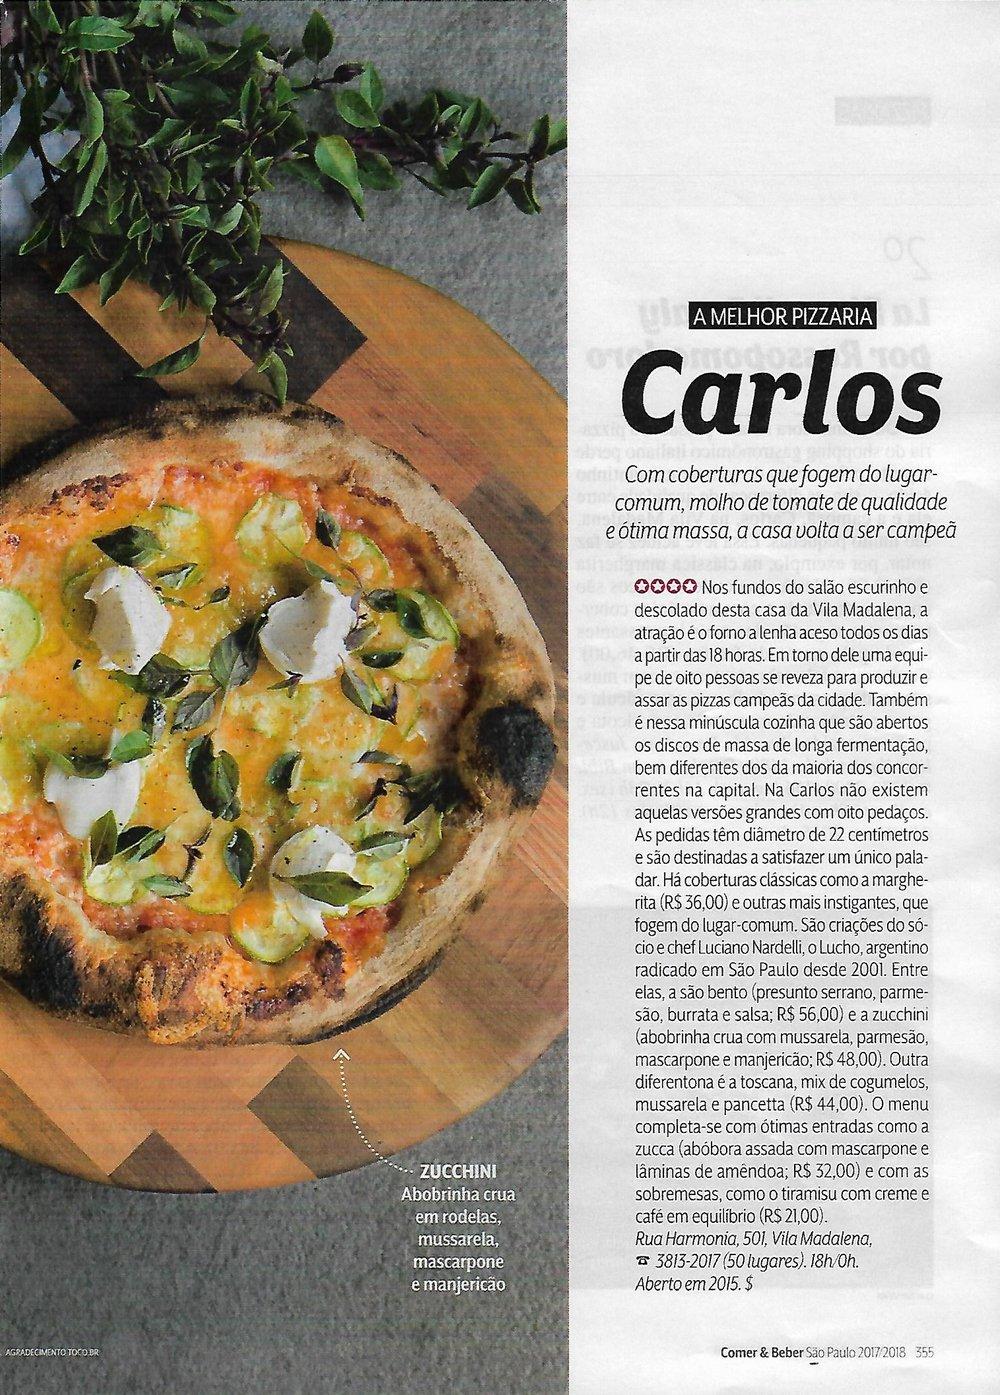 Carlos - a melhor pizzaria (veja sp).jpg